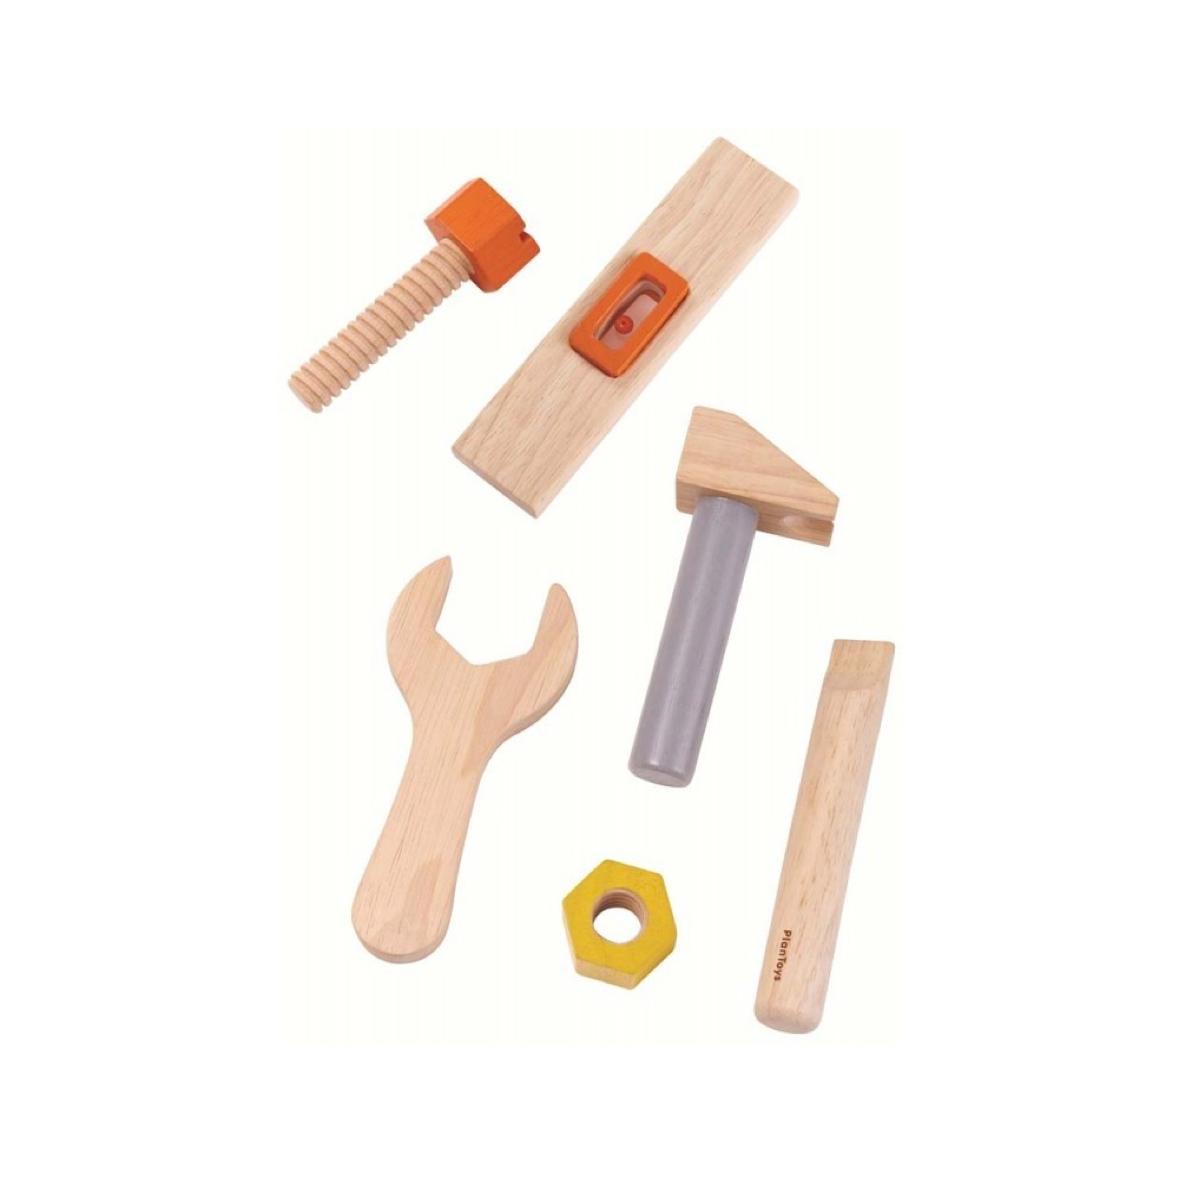 cinturon-de-herramientas-plantoys-en-el-mundo-de-mico3_3